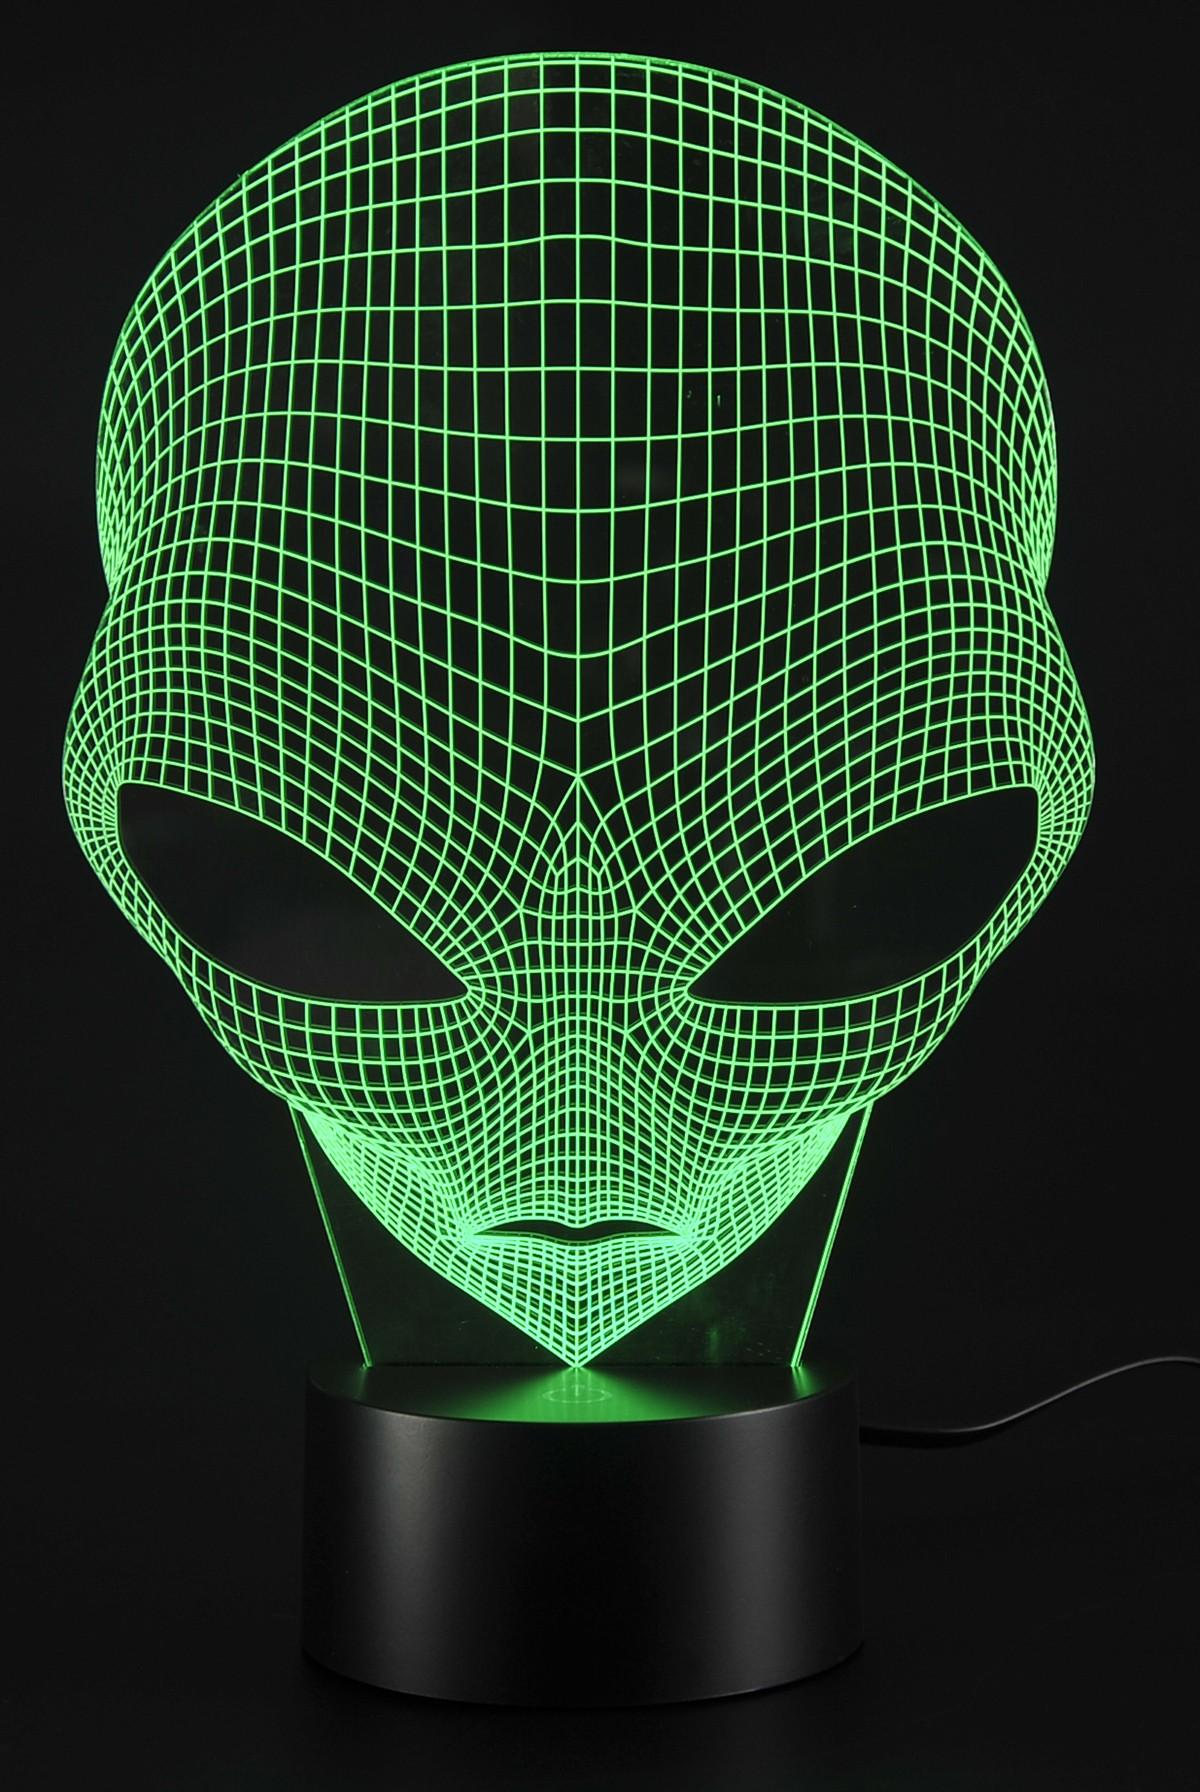 3D Lamp USB Power 7 Colors Amazing Optical Illusion 3D Grow LED Lamp Alien Shapes